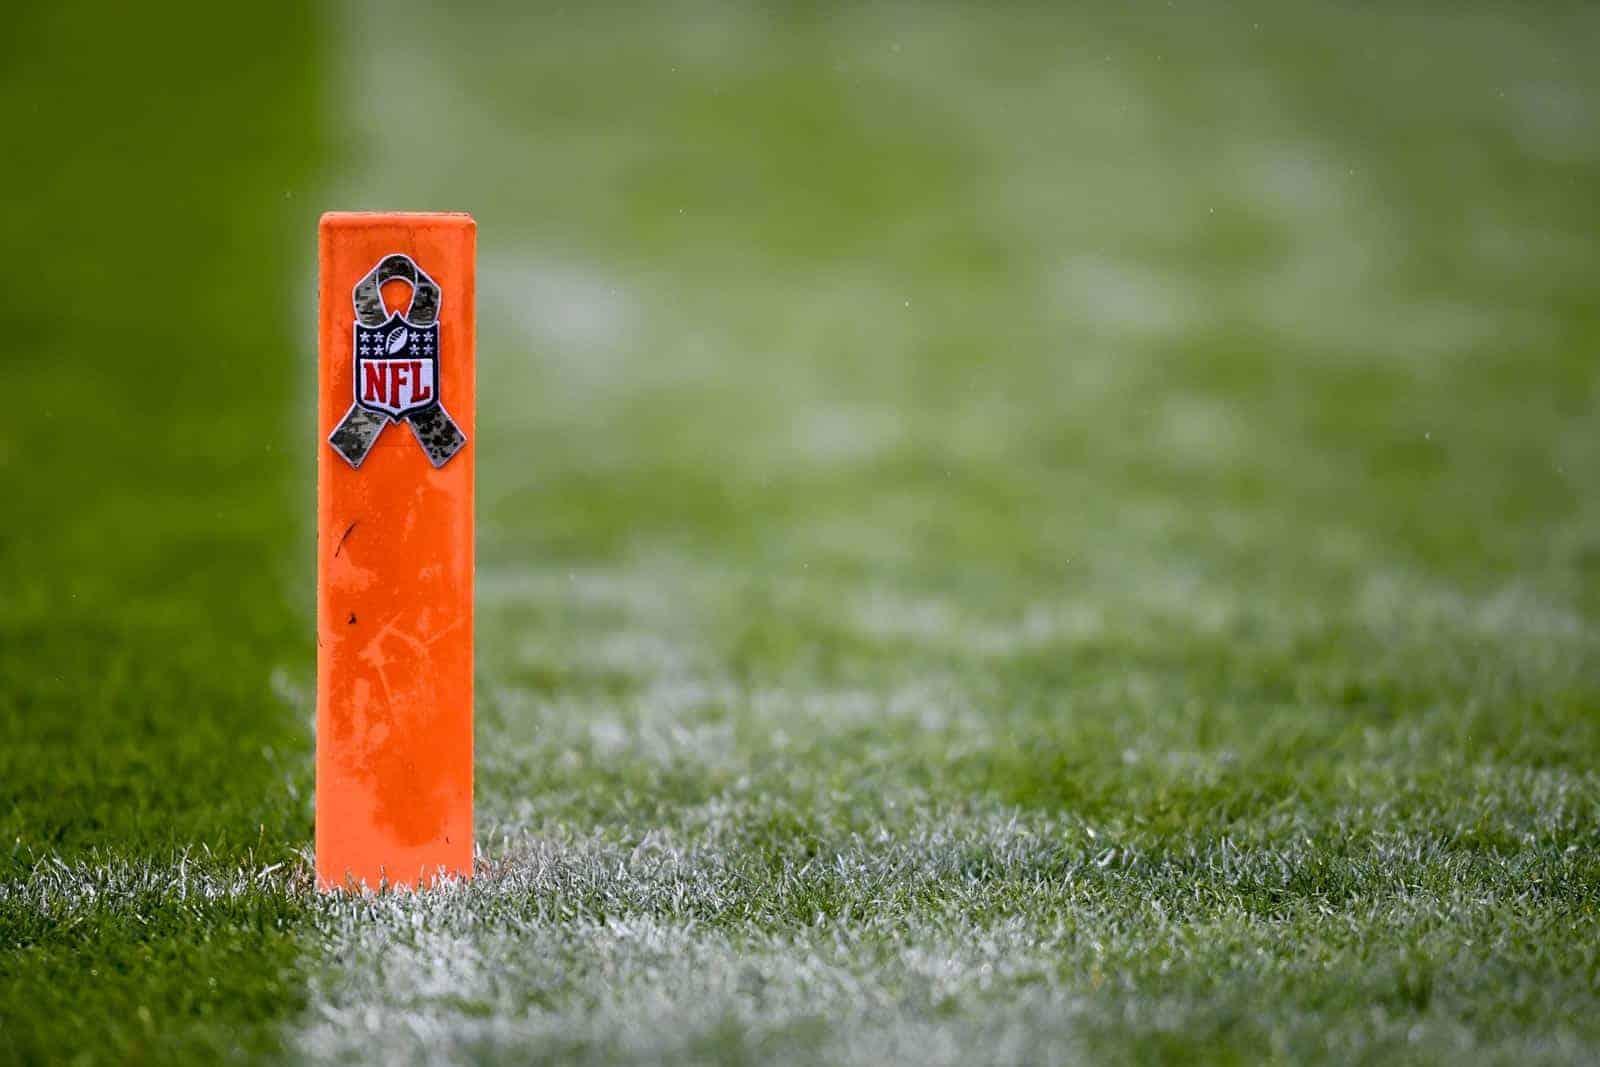 NFL Playoff Schedule 2017-2018